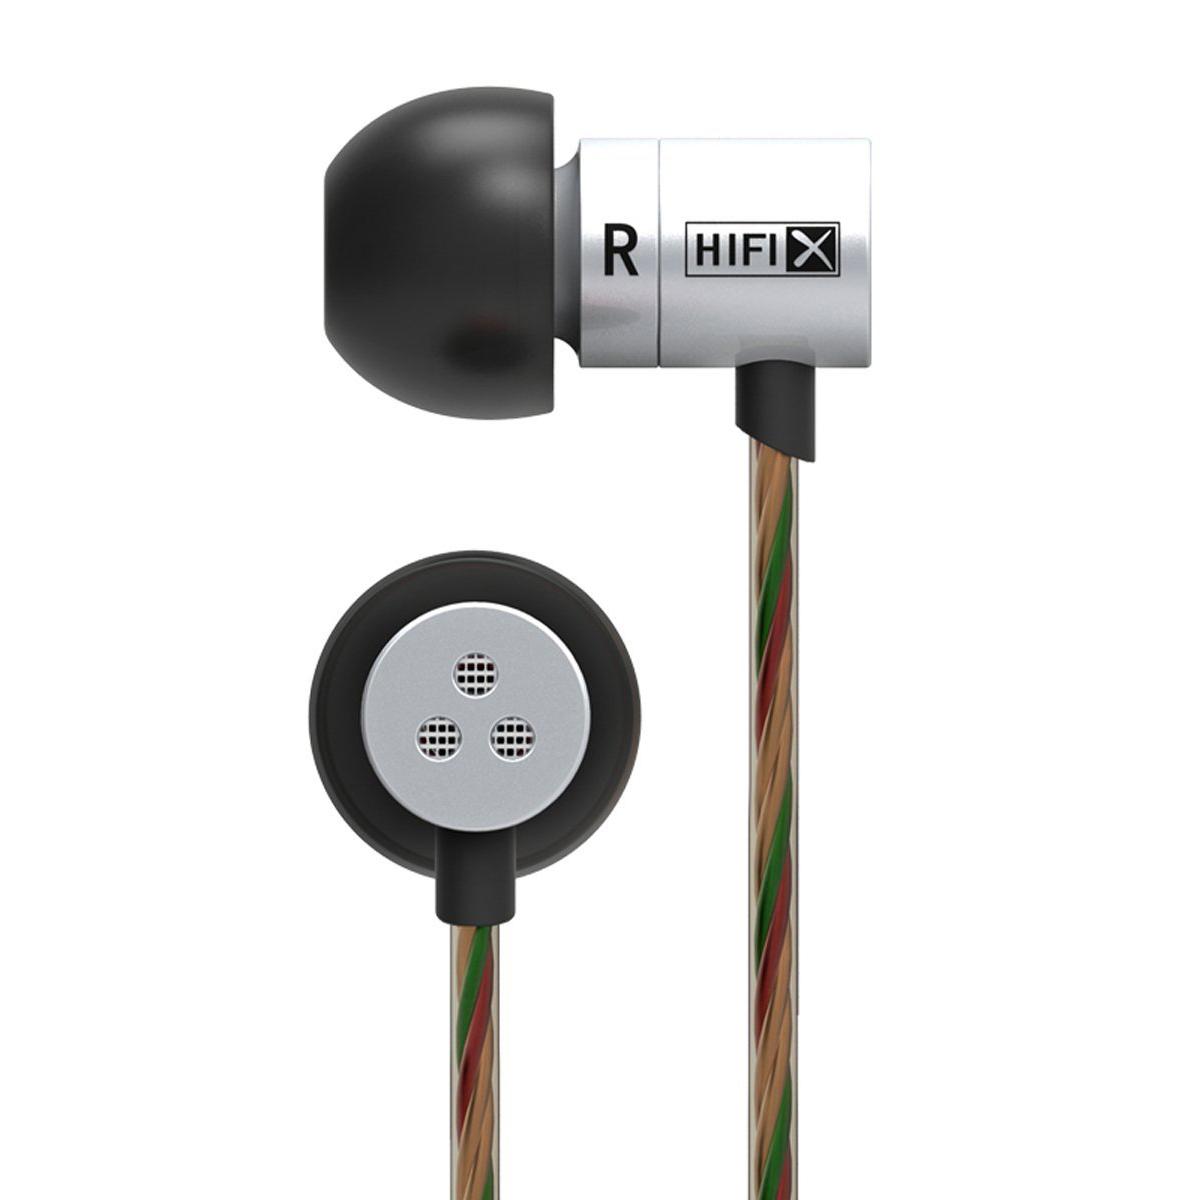 ขาย KZ HDS1 (มีไมค์ในตัว) หูฟังอินเอียร์แนวใหม่จิ๋วแต่แจ๋ว ให้คุณภาพเสียงระดับ HD (สีเงิน)